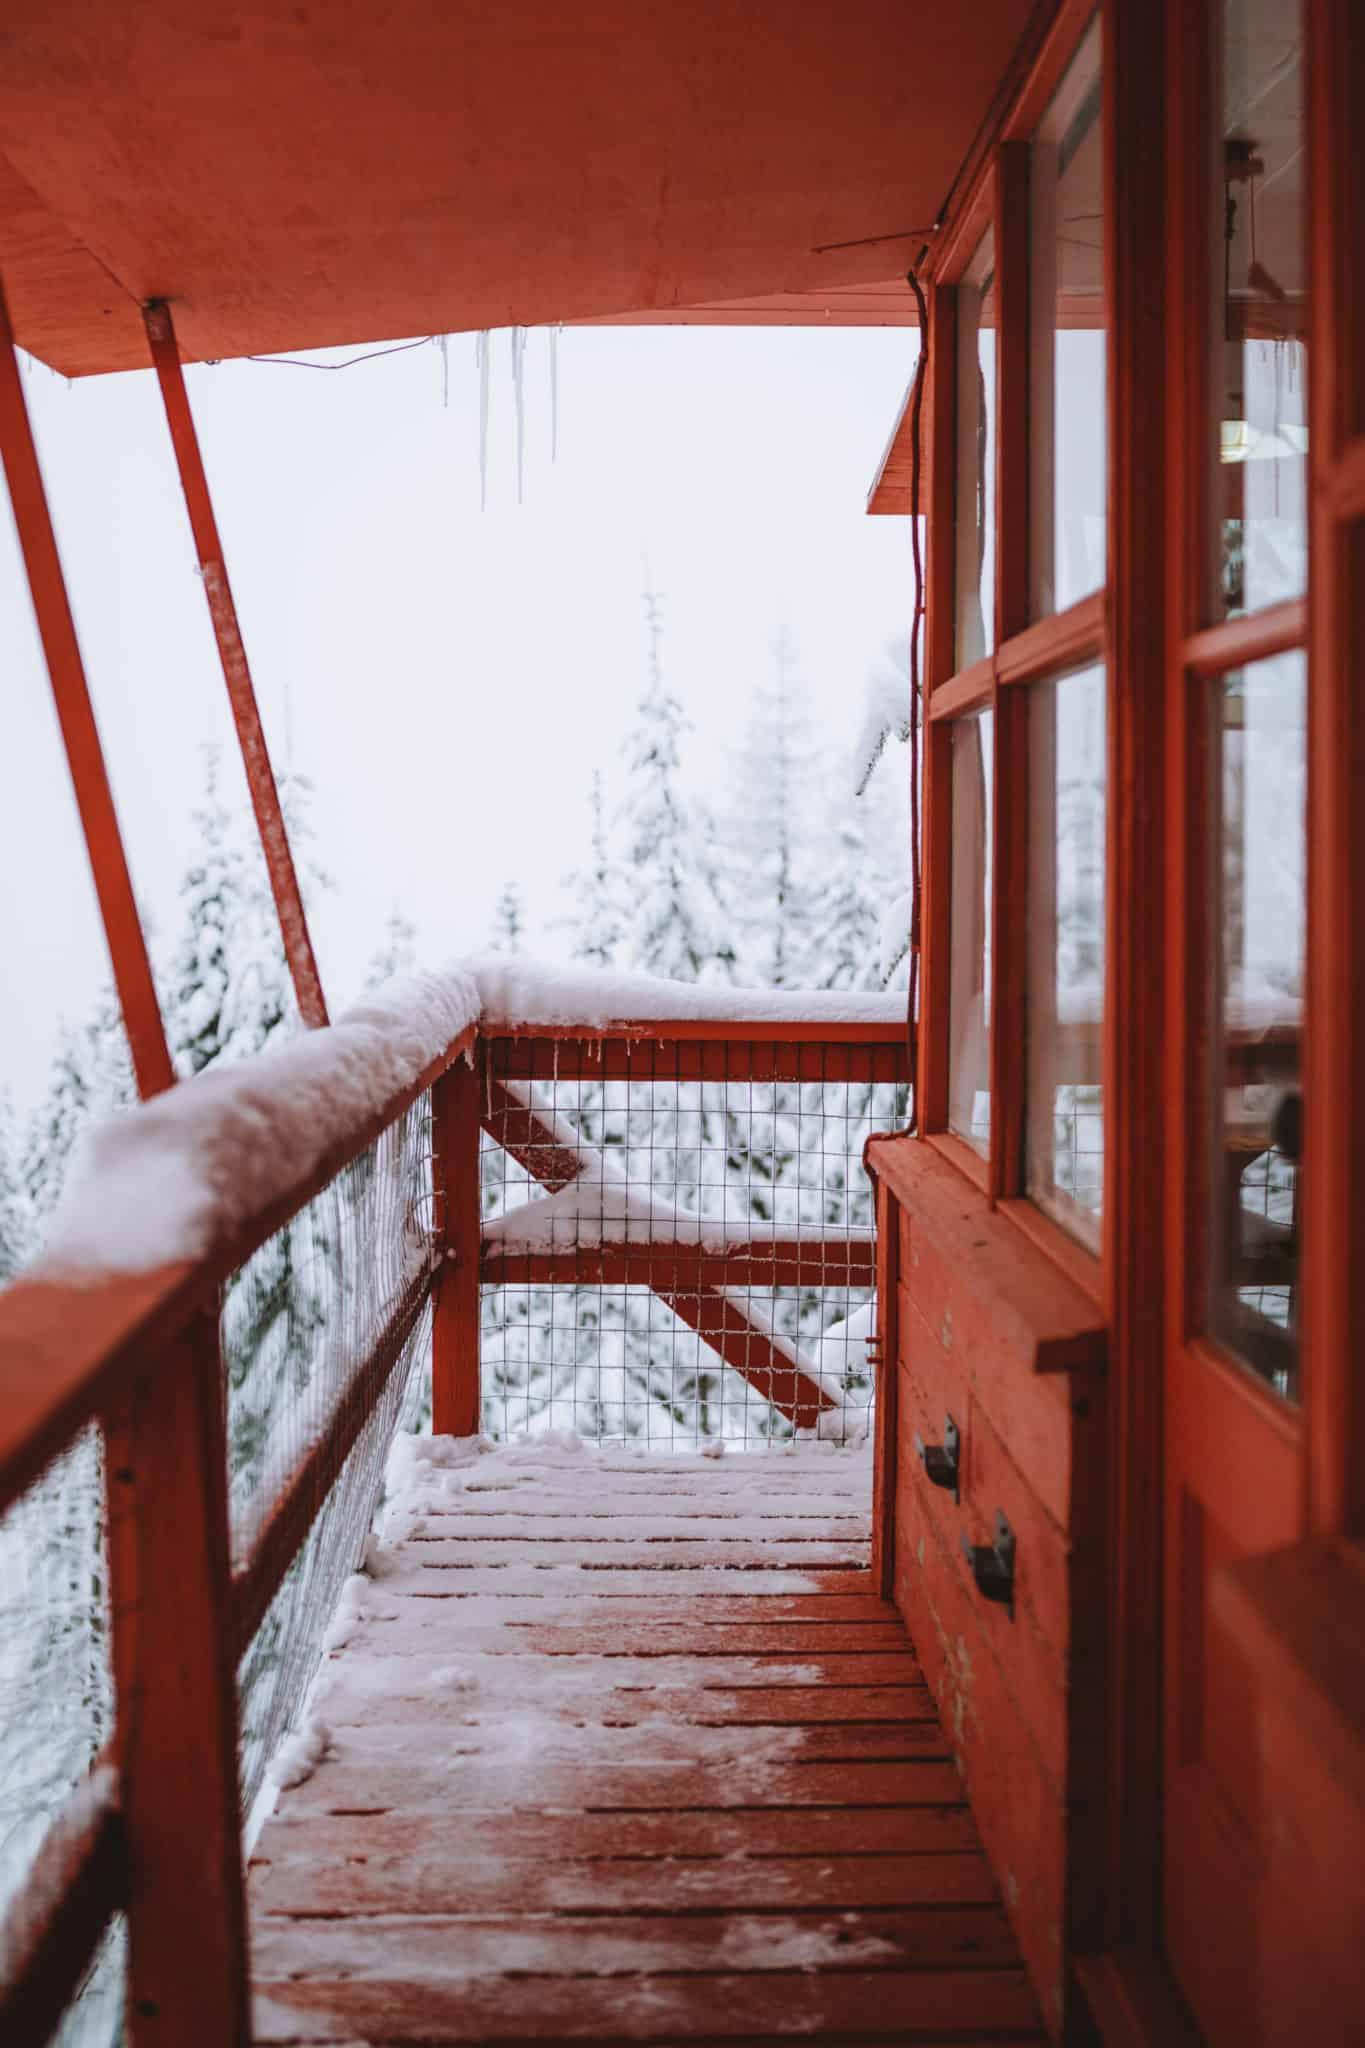 Crystal Peak Lookout Deck in winter